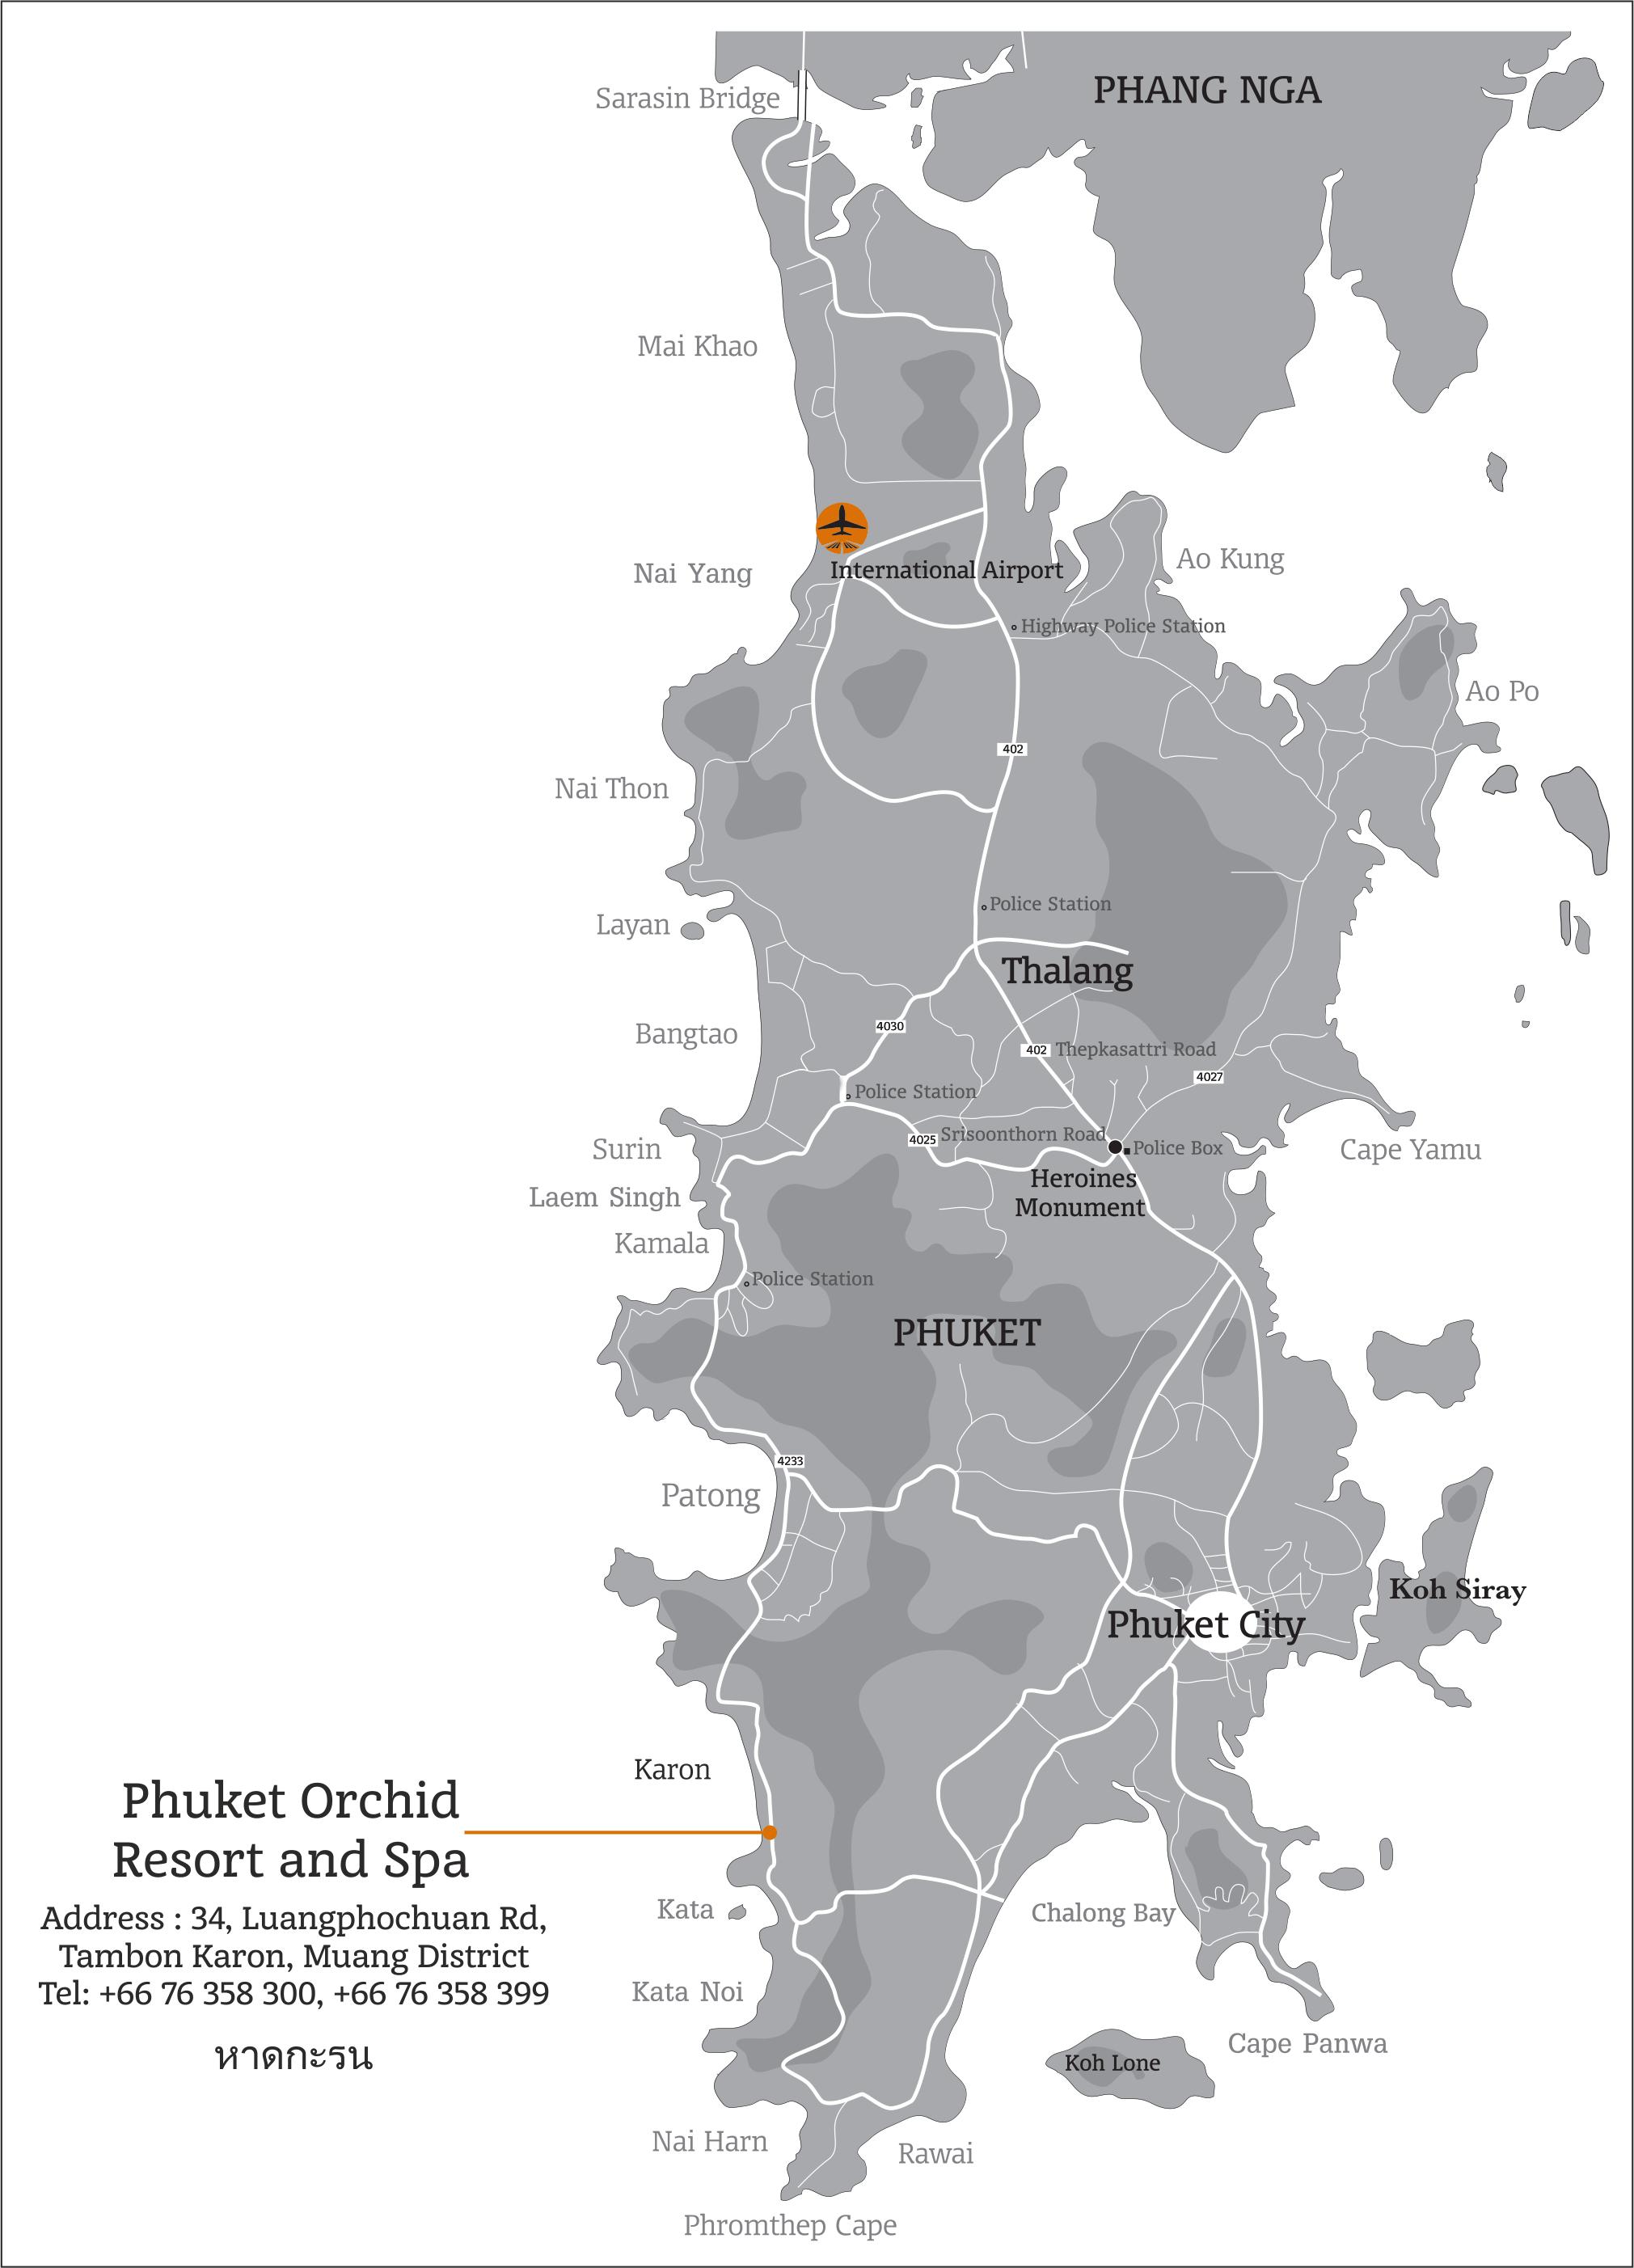 Карта Пхукета с отметкой отеля Phuket Orchid Resort